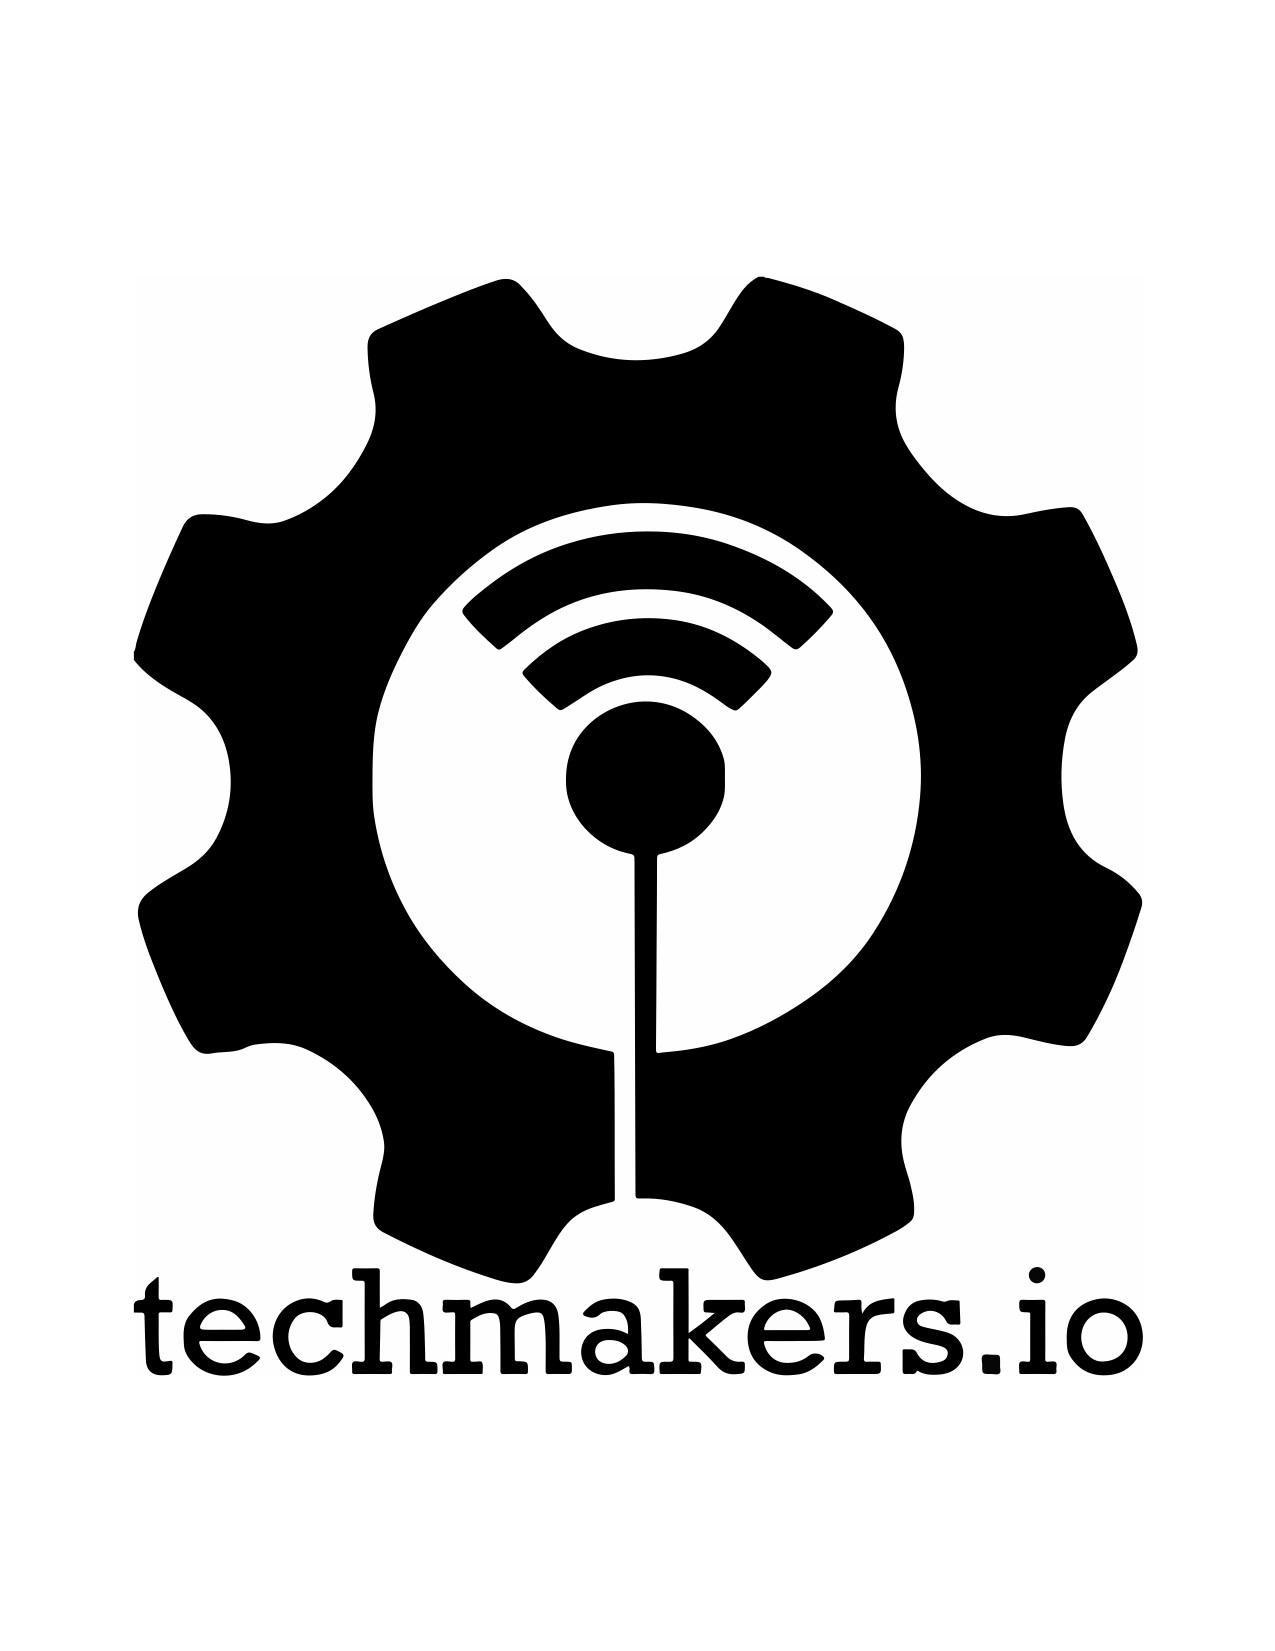 Techmakers.io